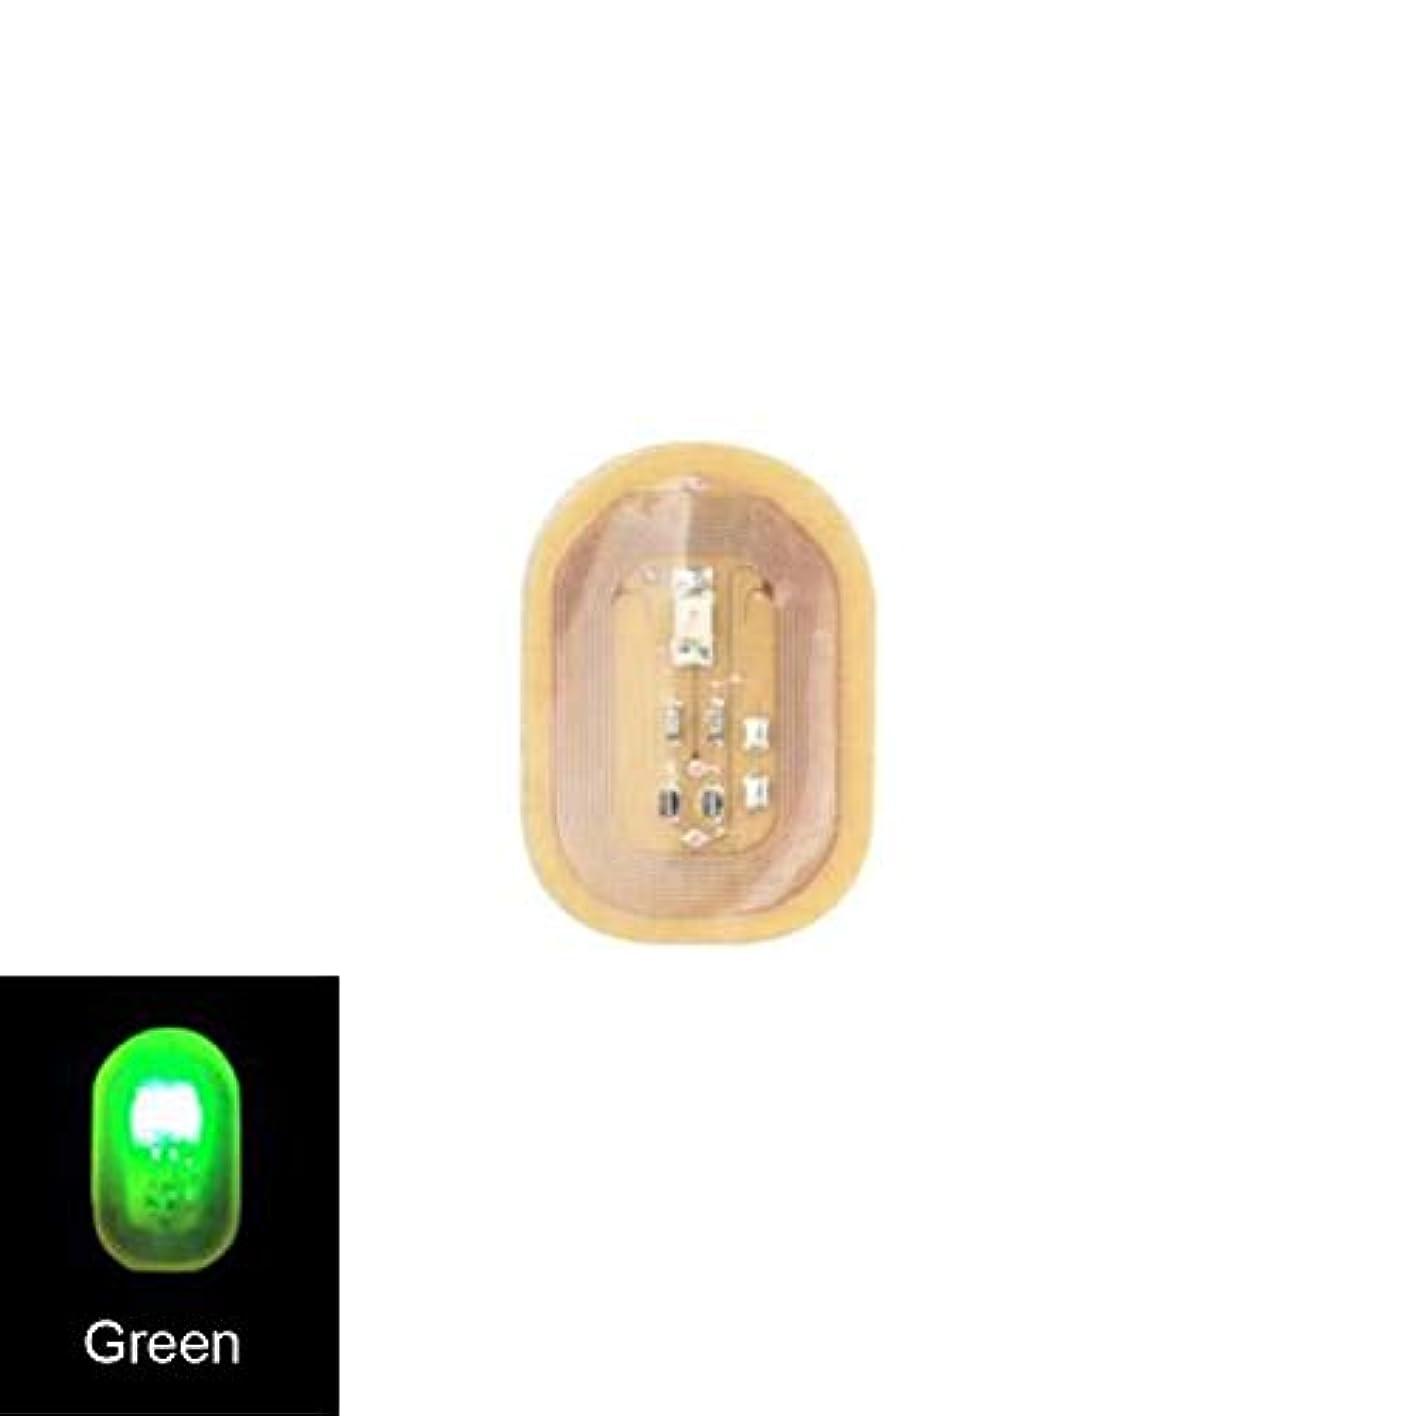 定期的観光くすぐったいACHICOO ネイルステッカー NFC ネイルアート ヒント DIYステッカー 電話 LEDライト フラッシュパーティー デコレーション ネイルチップ 緑色の光